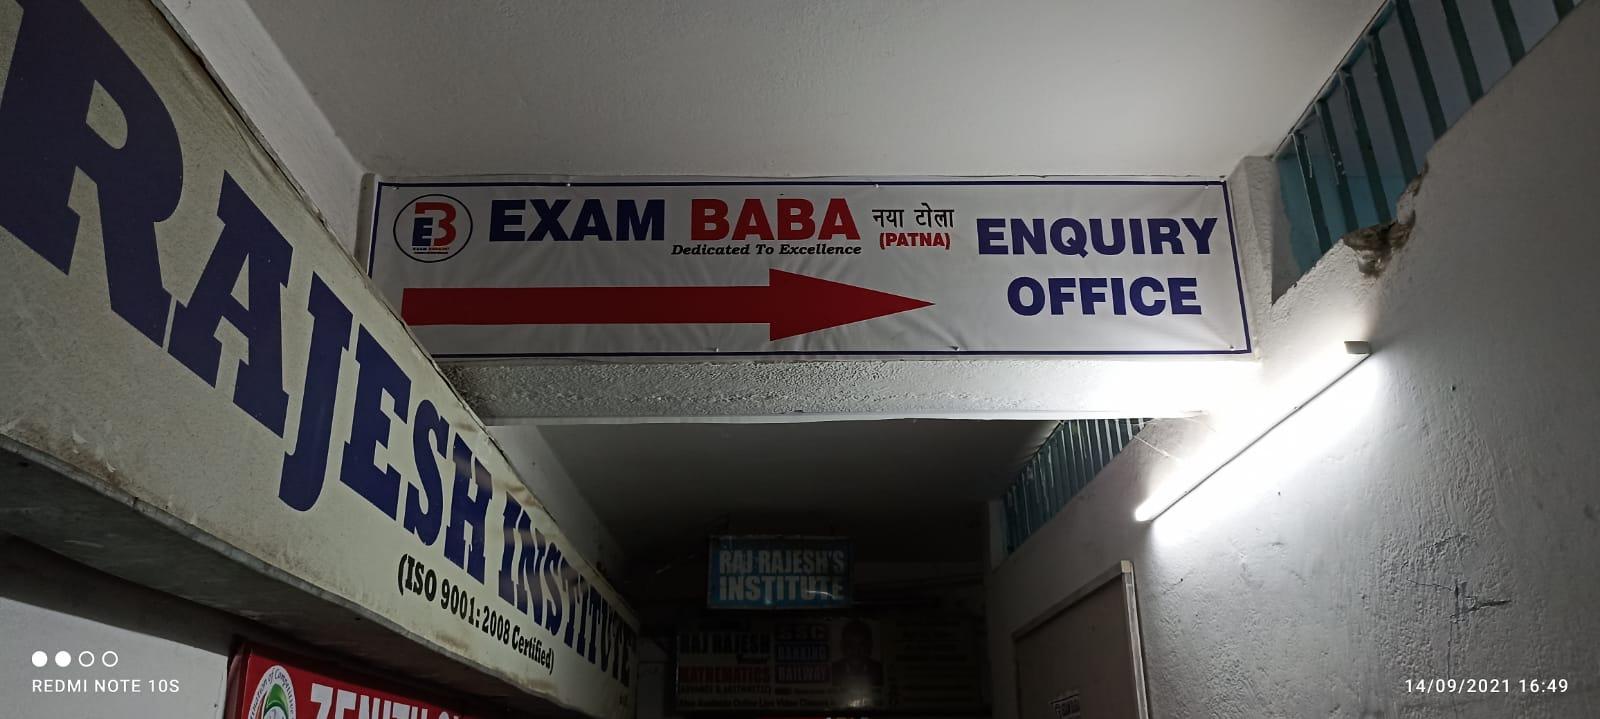 EXAM BABA Logo